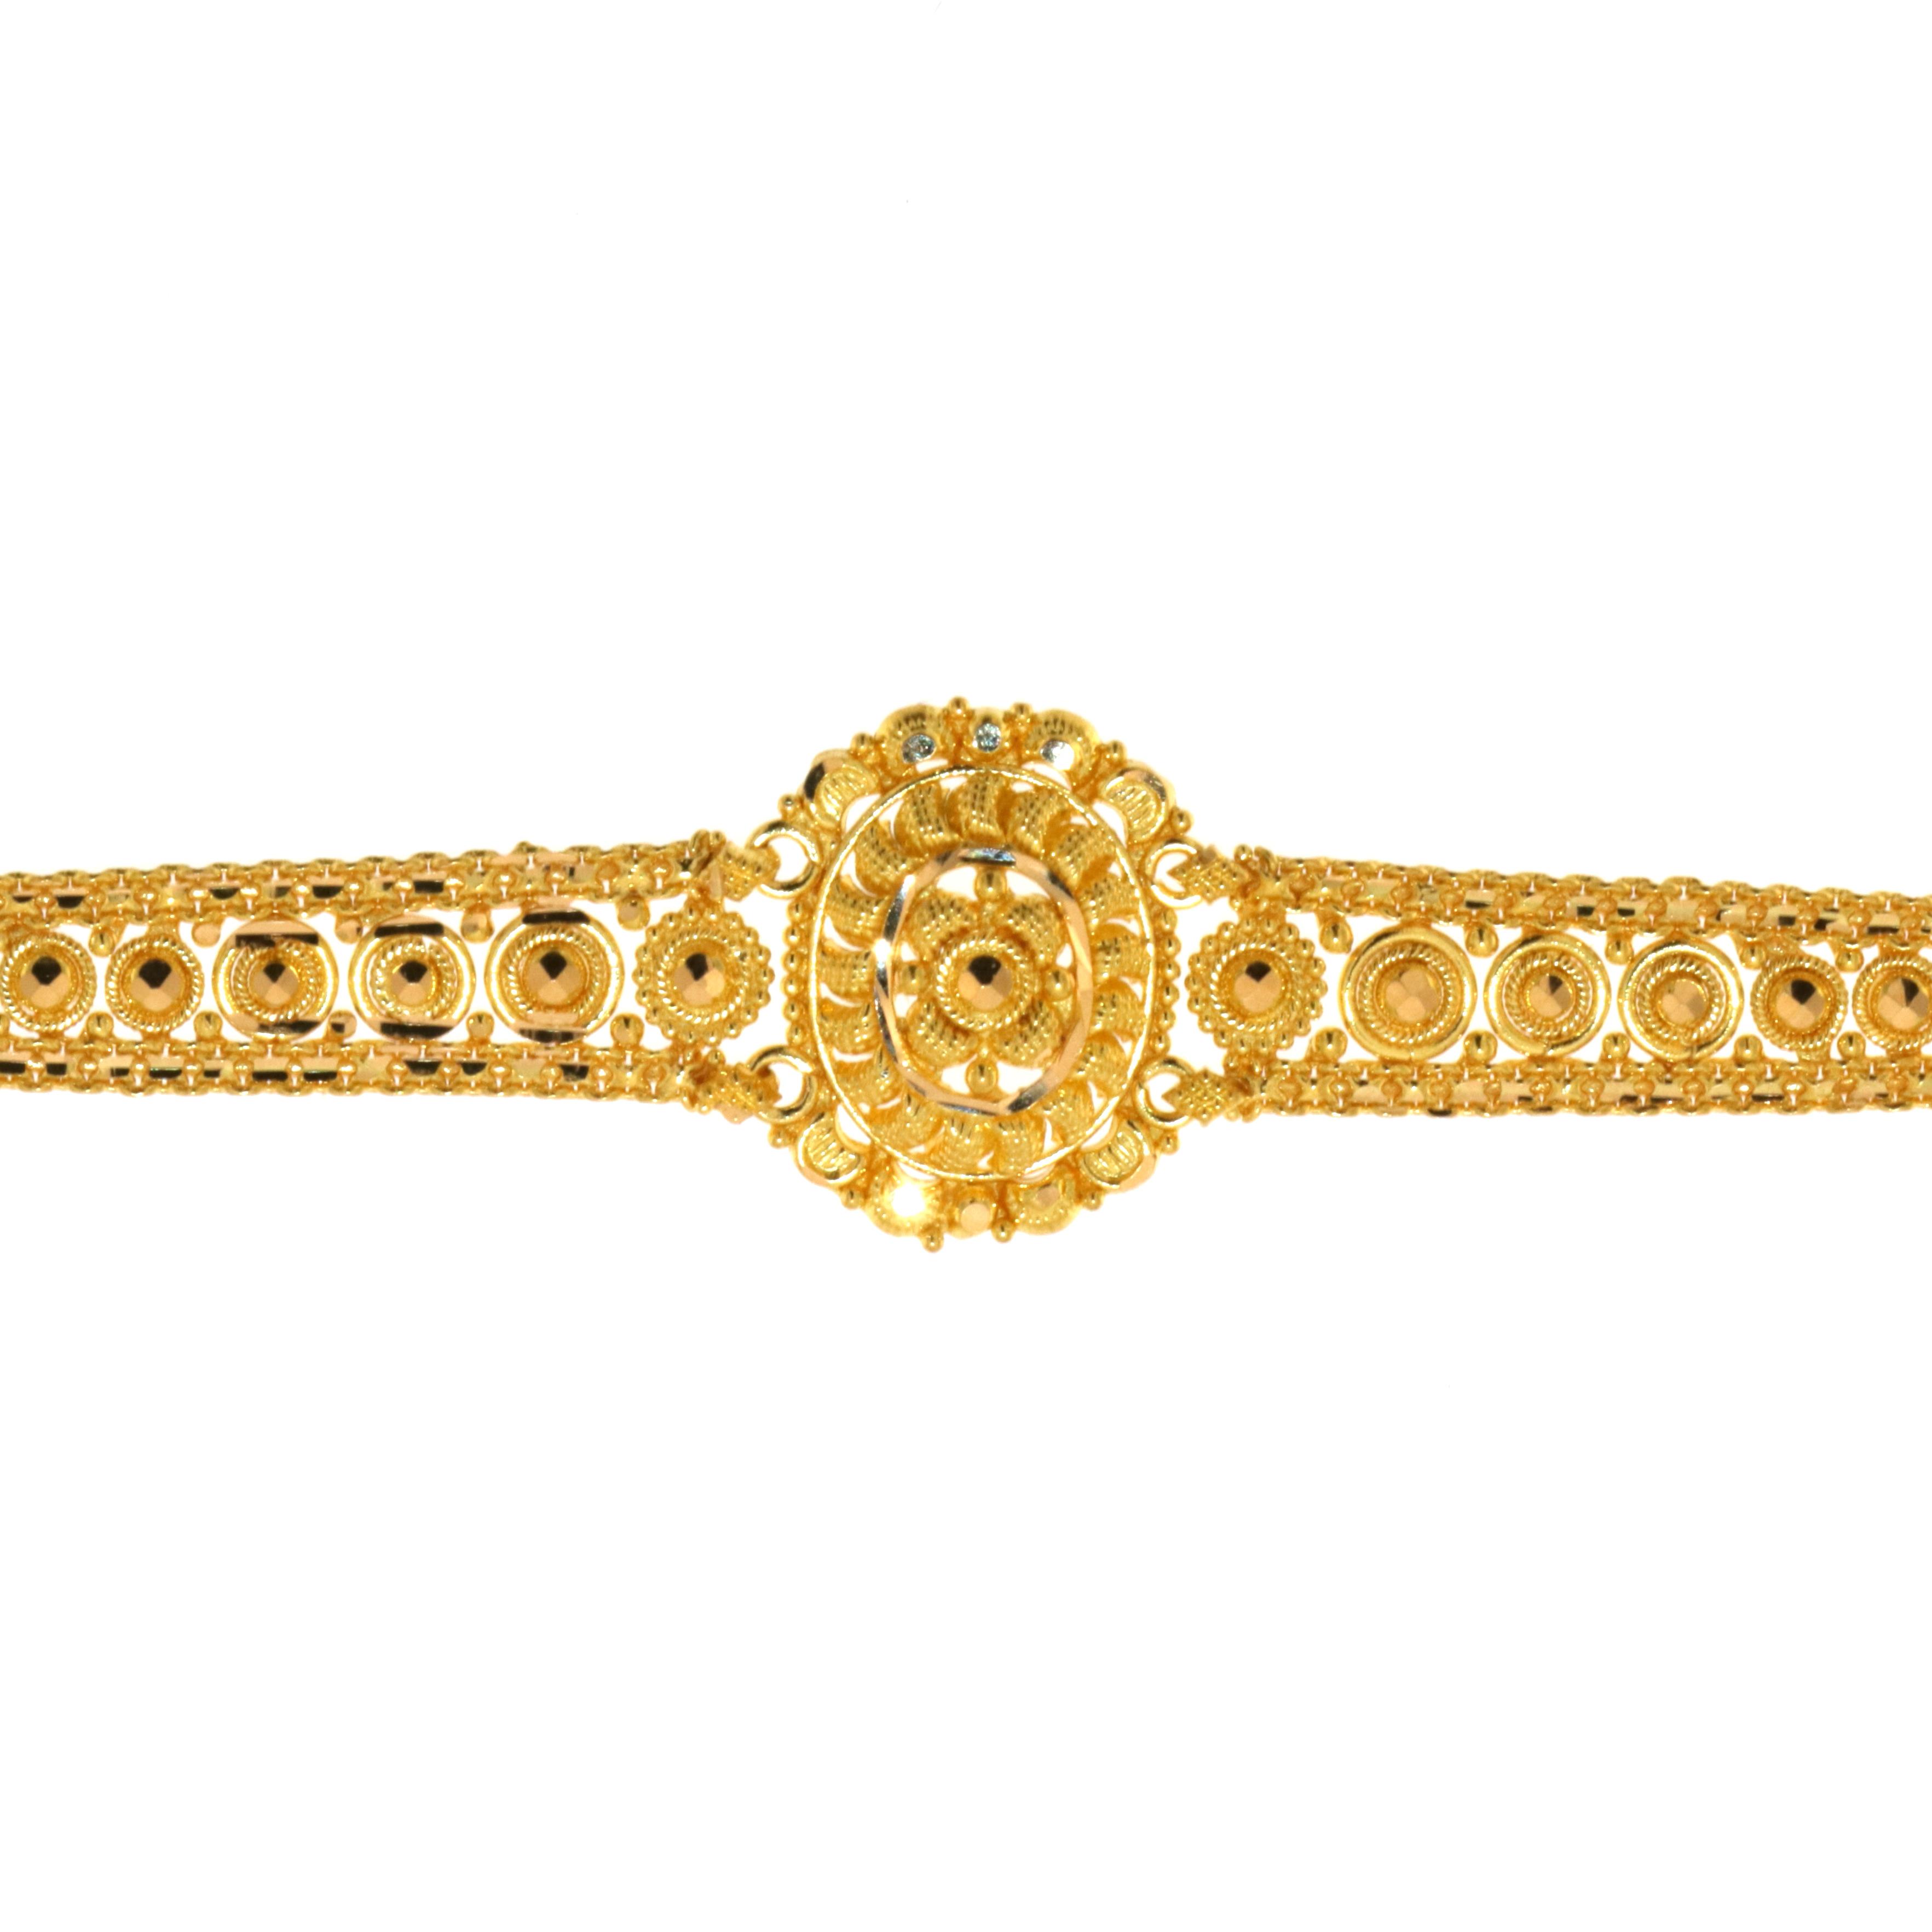 Bracelet6-2Best.Jpg